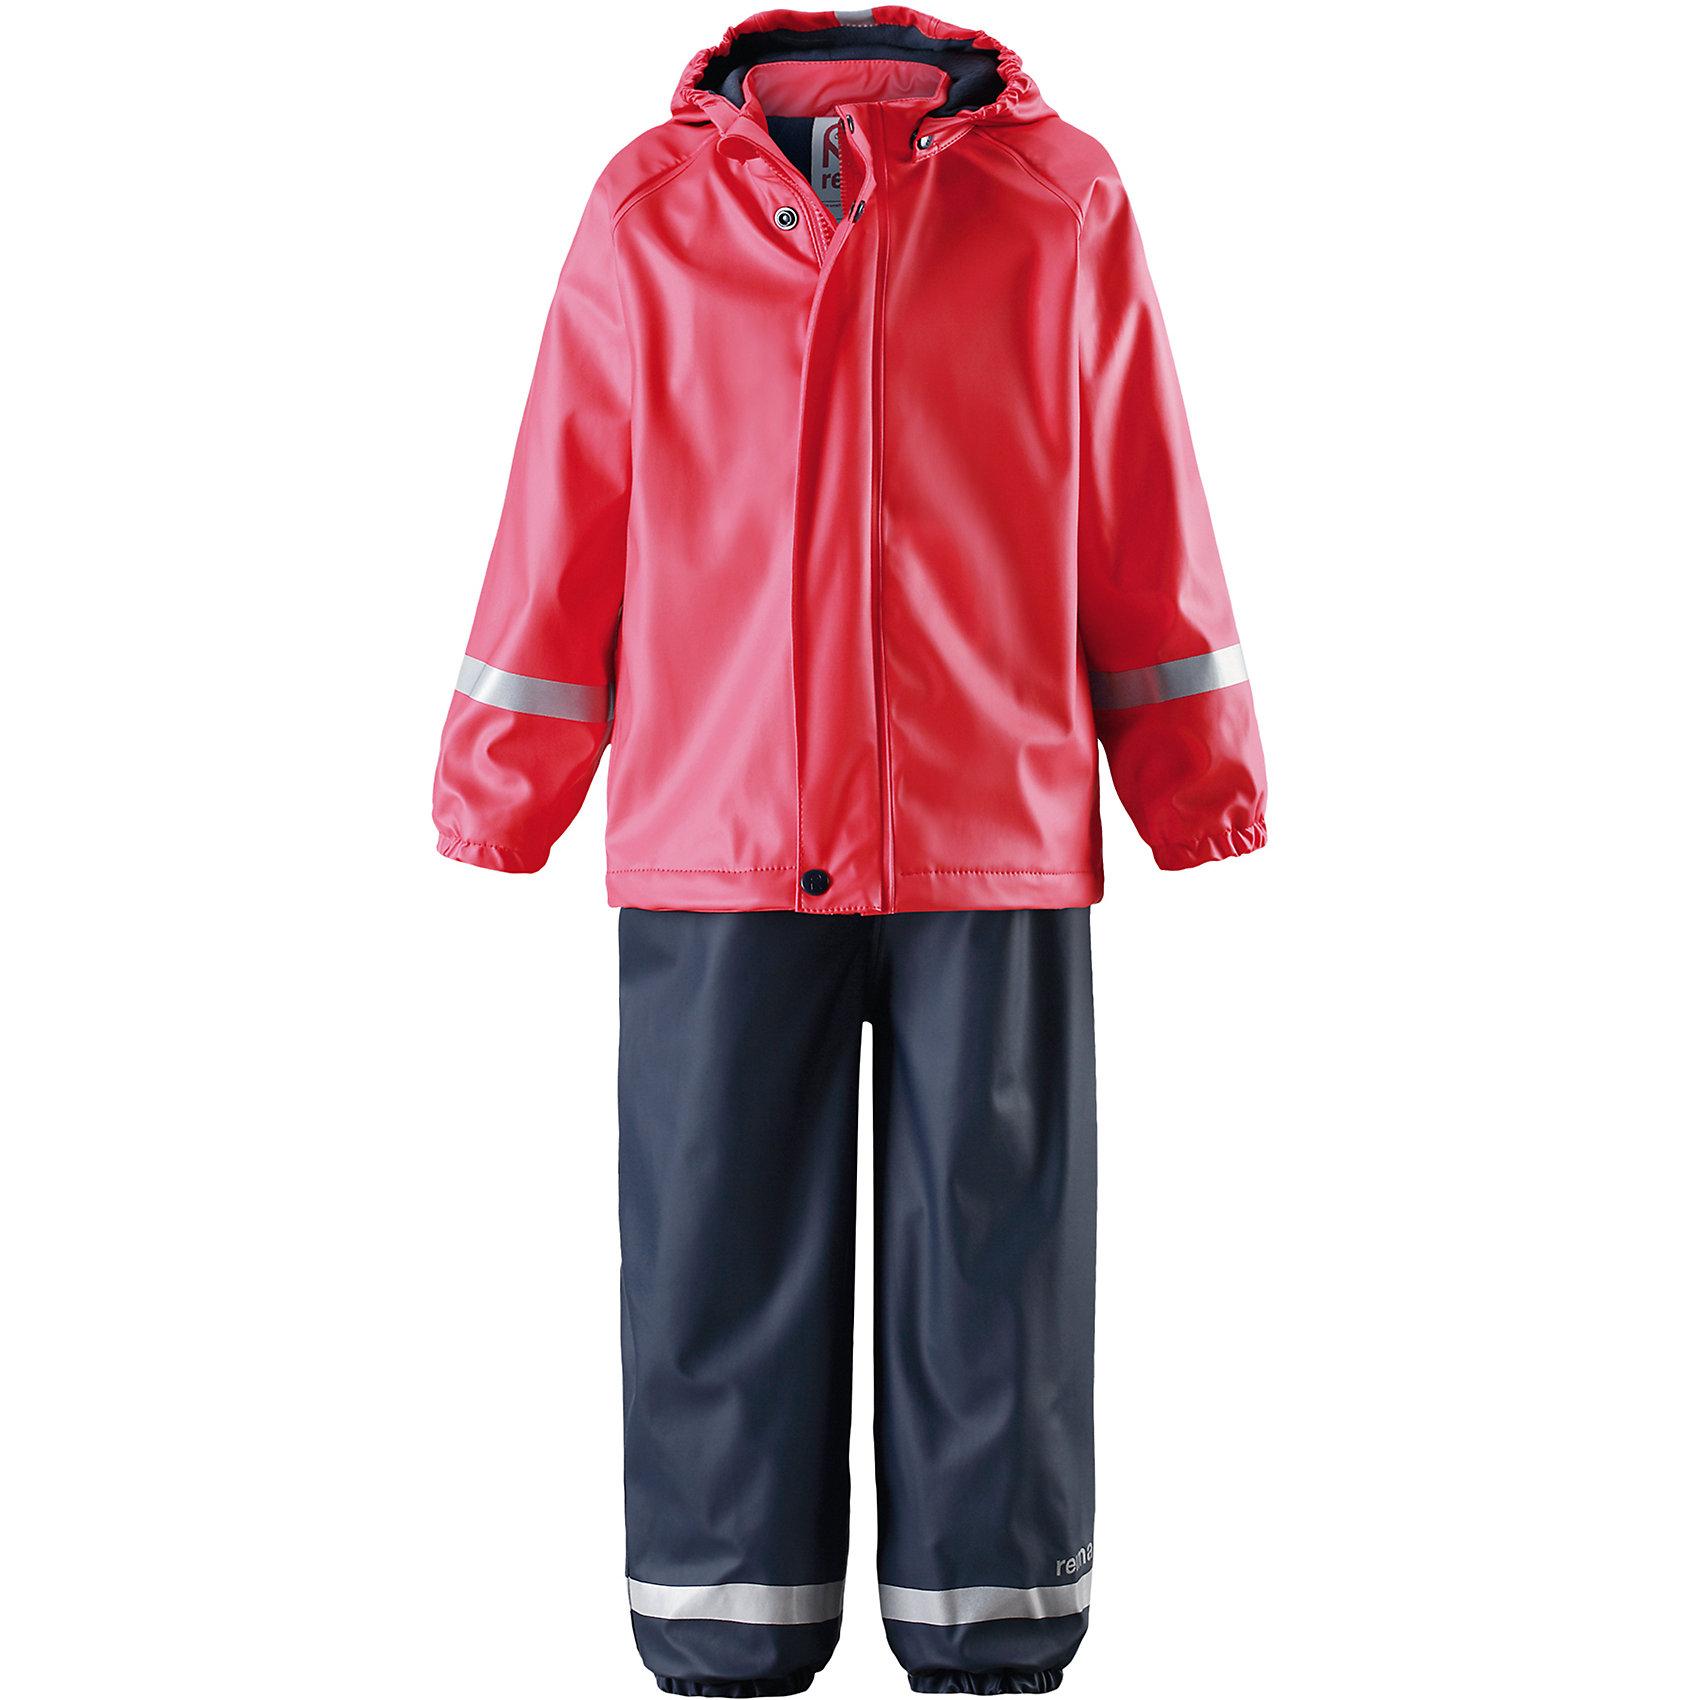 Комплект: куртка и брюки для девочки ReimaКомплект: куртка и брюки для девочки от финского бренда Reima.<br>Комплект для дождливой погоды для детей. Запаянные швы, не пропускающие влагу. Эластичный материал. Без ПХВ. Мягкая теплая подкладка из флиса. Безопасный, съемный капюшон. Эластичная резинка на кромке капюшона. Эластичные манжеты. Эластичная талия. Эластичные штанины. Съемные эластичные штрипки. Молния спереди.<br>Состав:<br>100% Полиэстер, полиуретановое покрытие<br><br>Уход:<br>Стирать по отдельности, вывернув наизнанку. Застегнуть молнии и липучки. Стирать моющим средством, не содержащим отбеливающие вещества. Полоскать без специального средства. Во избежание изменения цвета изделие необходимо вынуть из стиральной машинки незамедлительно после окончания программы стирки. Сушить при низкой температуре.<br><br>Ширина мм: 356<br>Глубина мм: 10<br>Высота мм: 245<br>Вес г: 519<br>Цвет: красный<br>Возраст от месяцев: 84<br>Возраст до месяцев: 96<br>Пол: Женский<br>Возраст: Детский<br>Размер: 86,110,116,122,104,98,92,128<br>SKU: 5268207